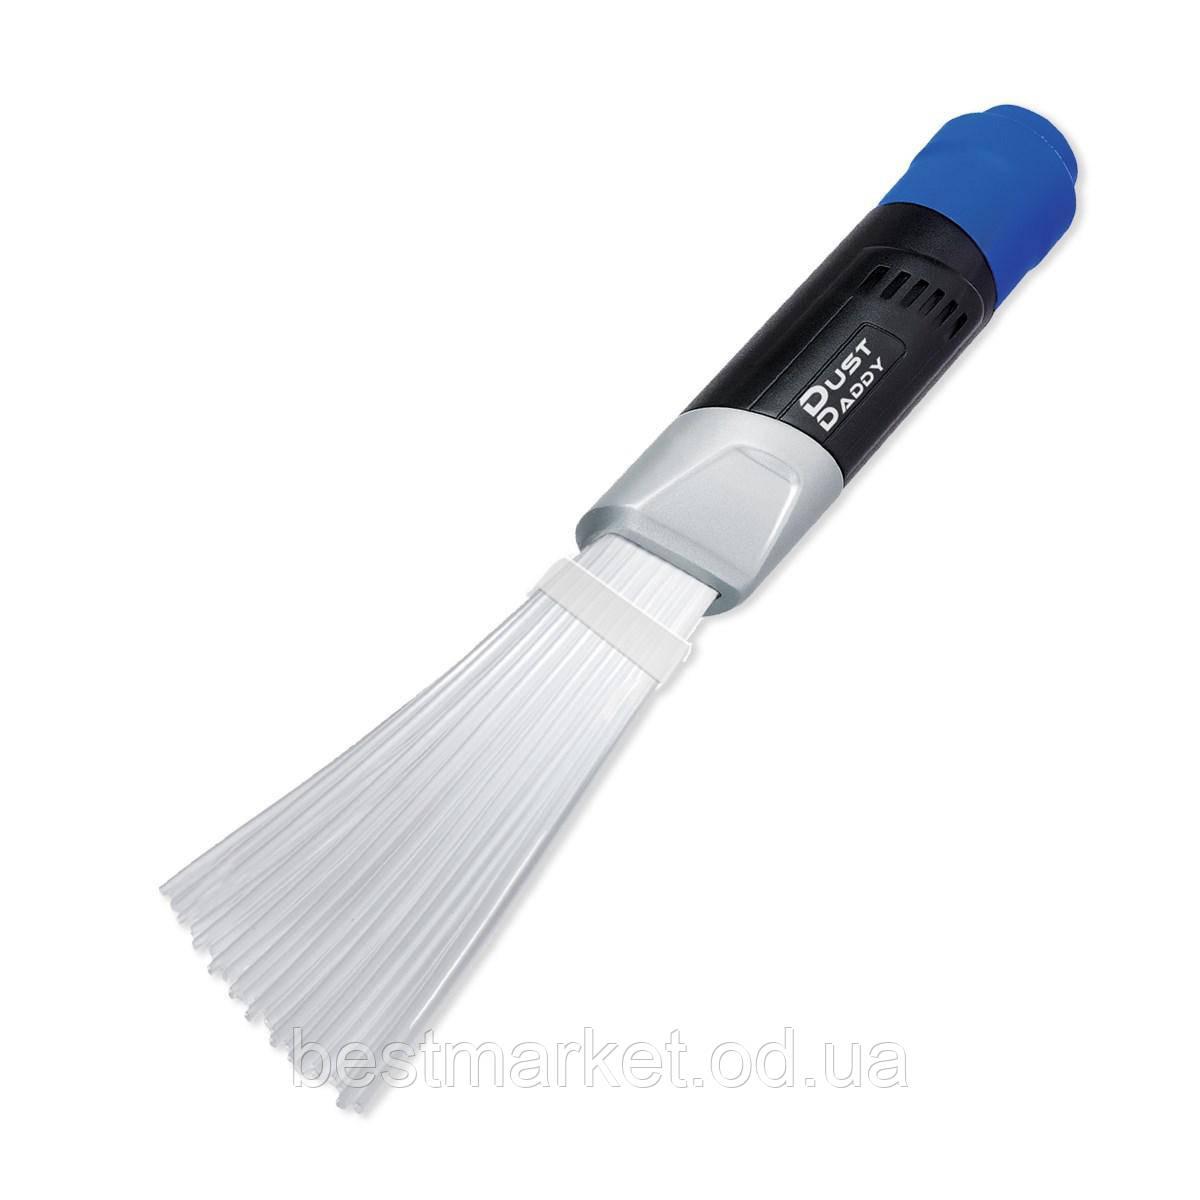 Универсальная Насадка на Пылесос для Удаления Пыли Dust Daddy